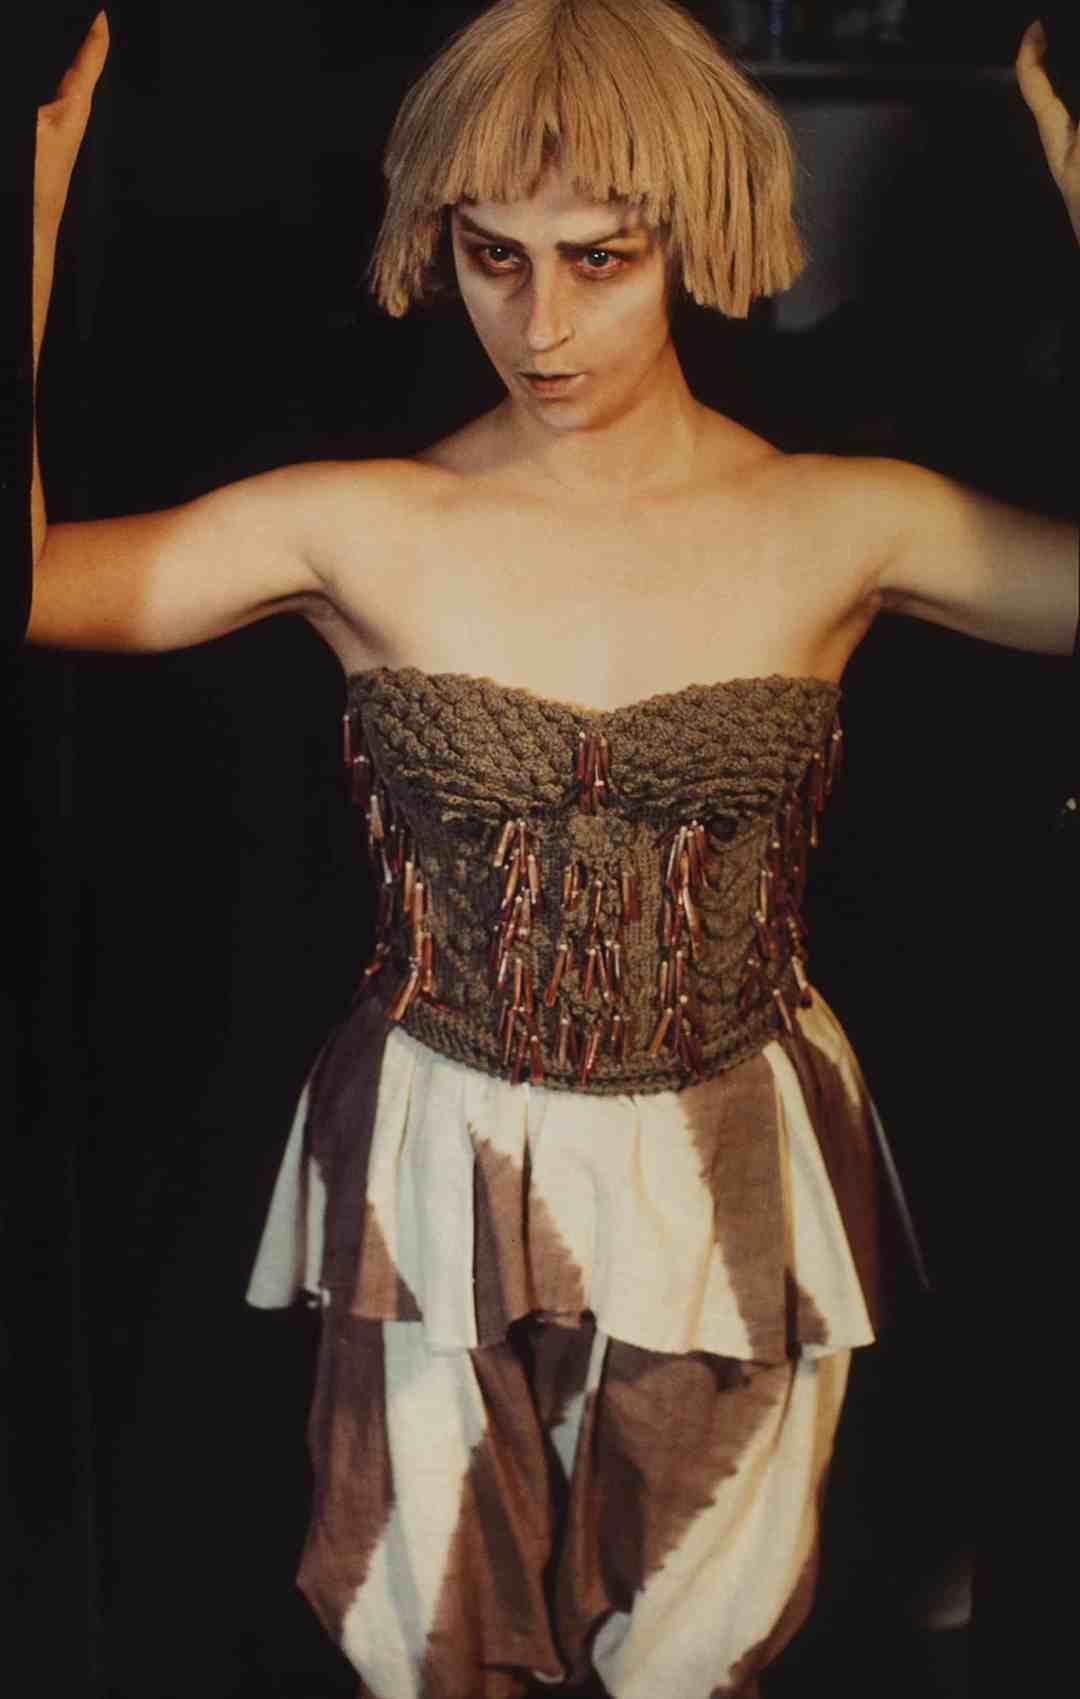 Cindy Sherman, Untitled #127/A, 1983, cm 88x58, cibachrome print, ed. 5/18, Courtesy Collezione Ettore Molinario, ©Cindy Sherman